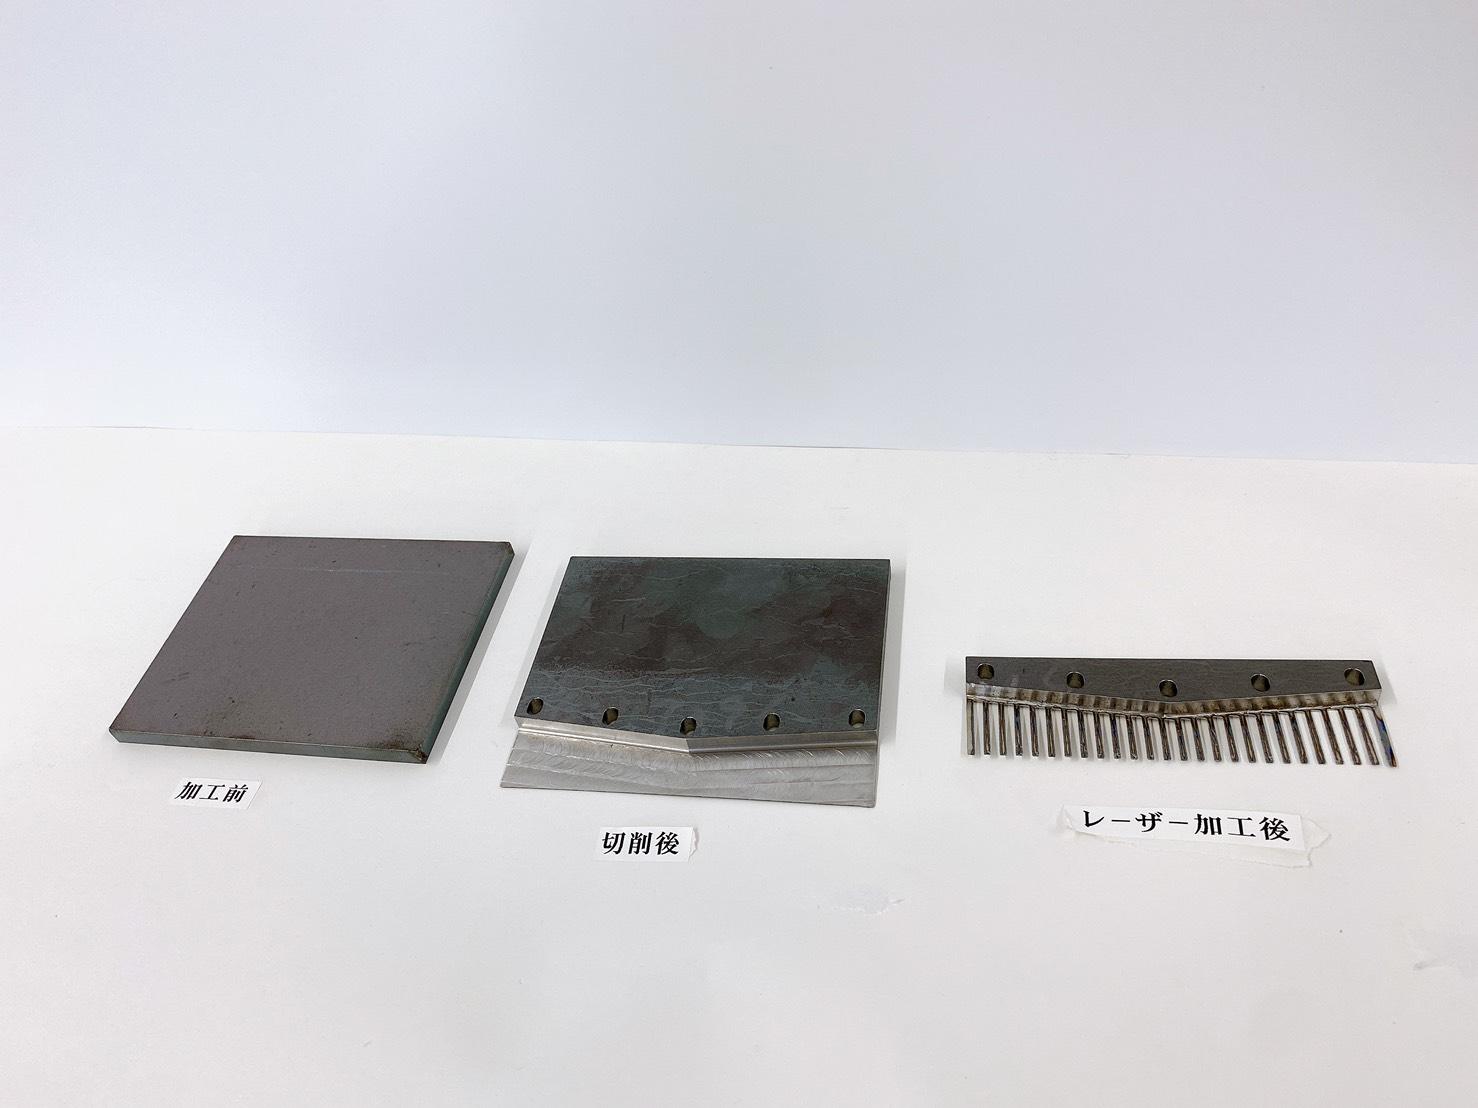 レーザー加工 マシニング加工 複合加工 S45C オルゴール部品